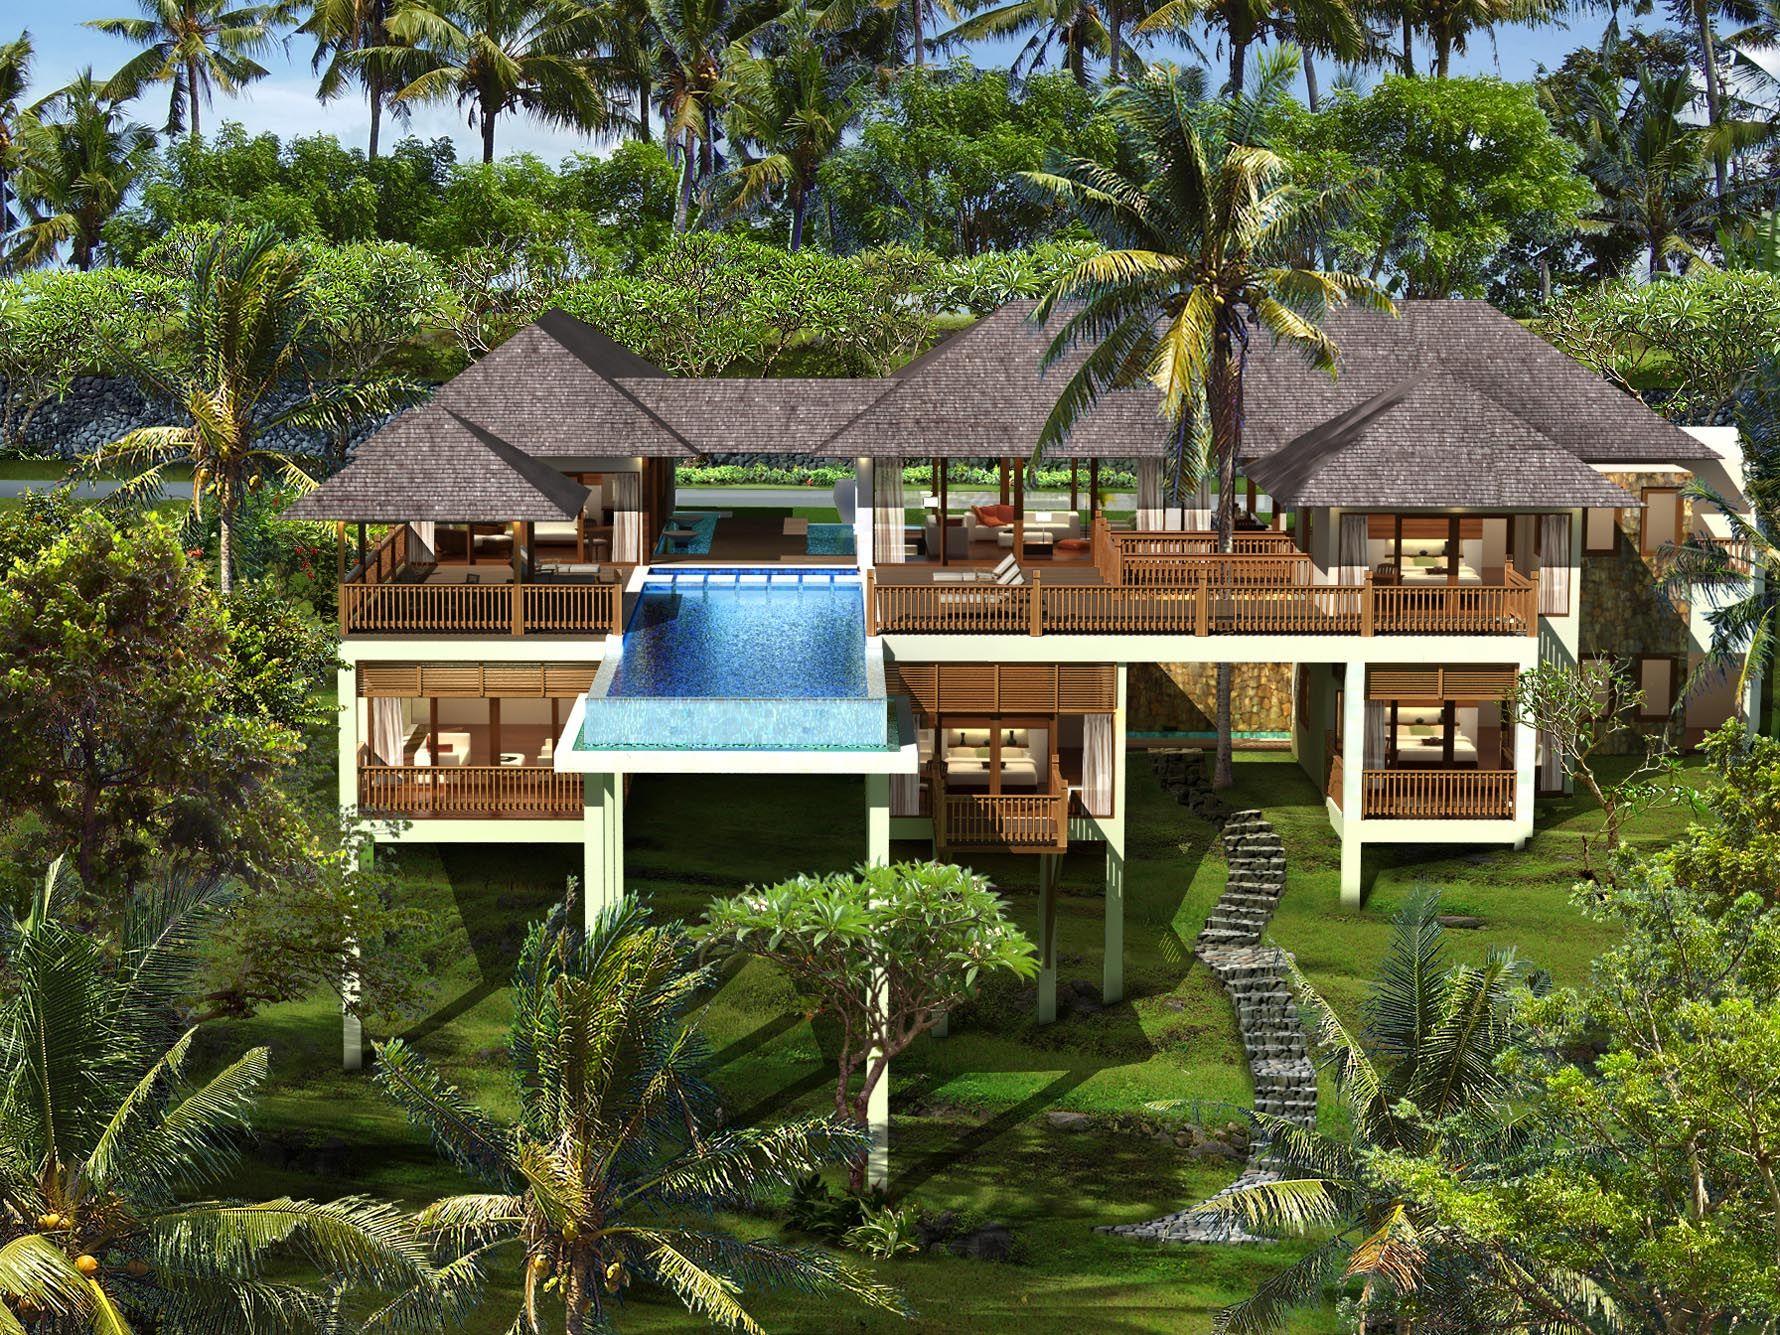 Villa design tropical architecture modern architecture design modern house design bali architecture